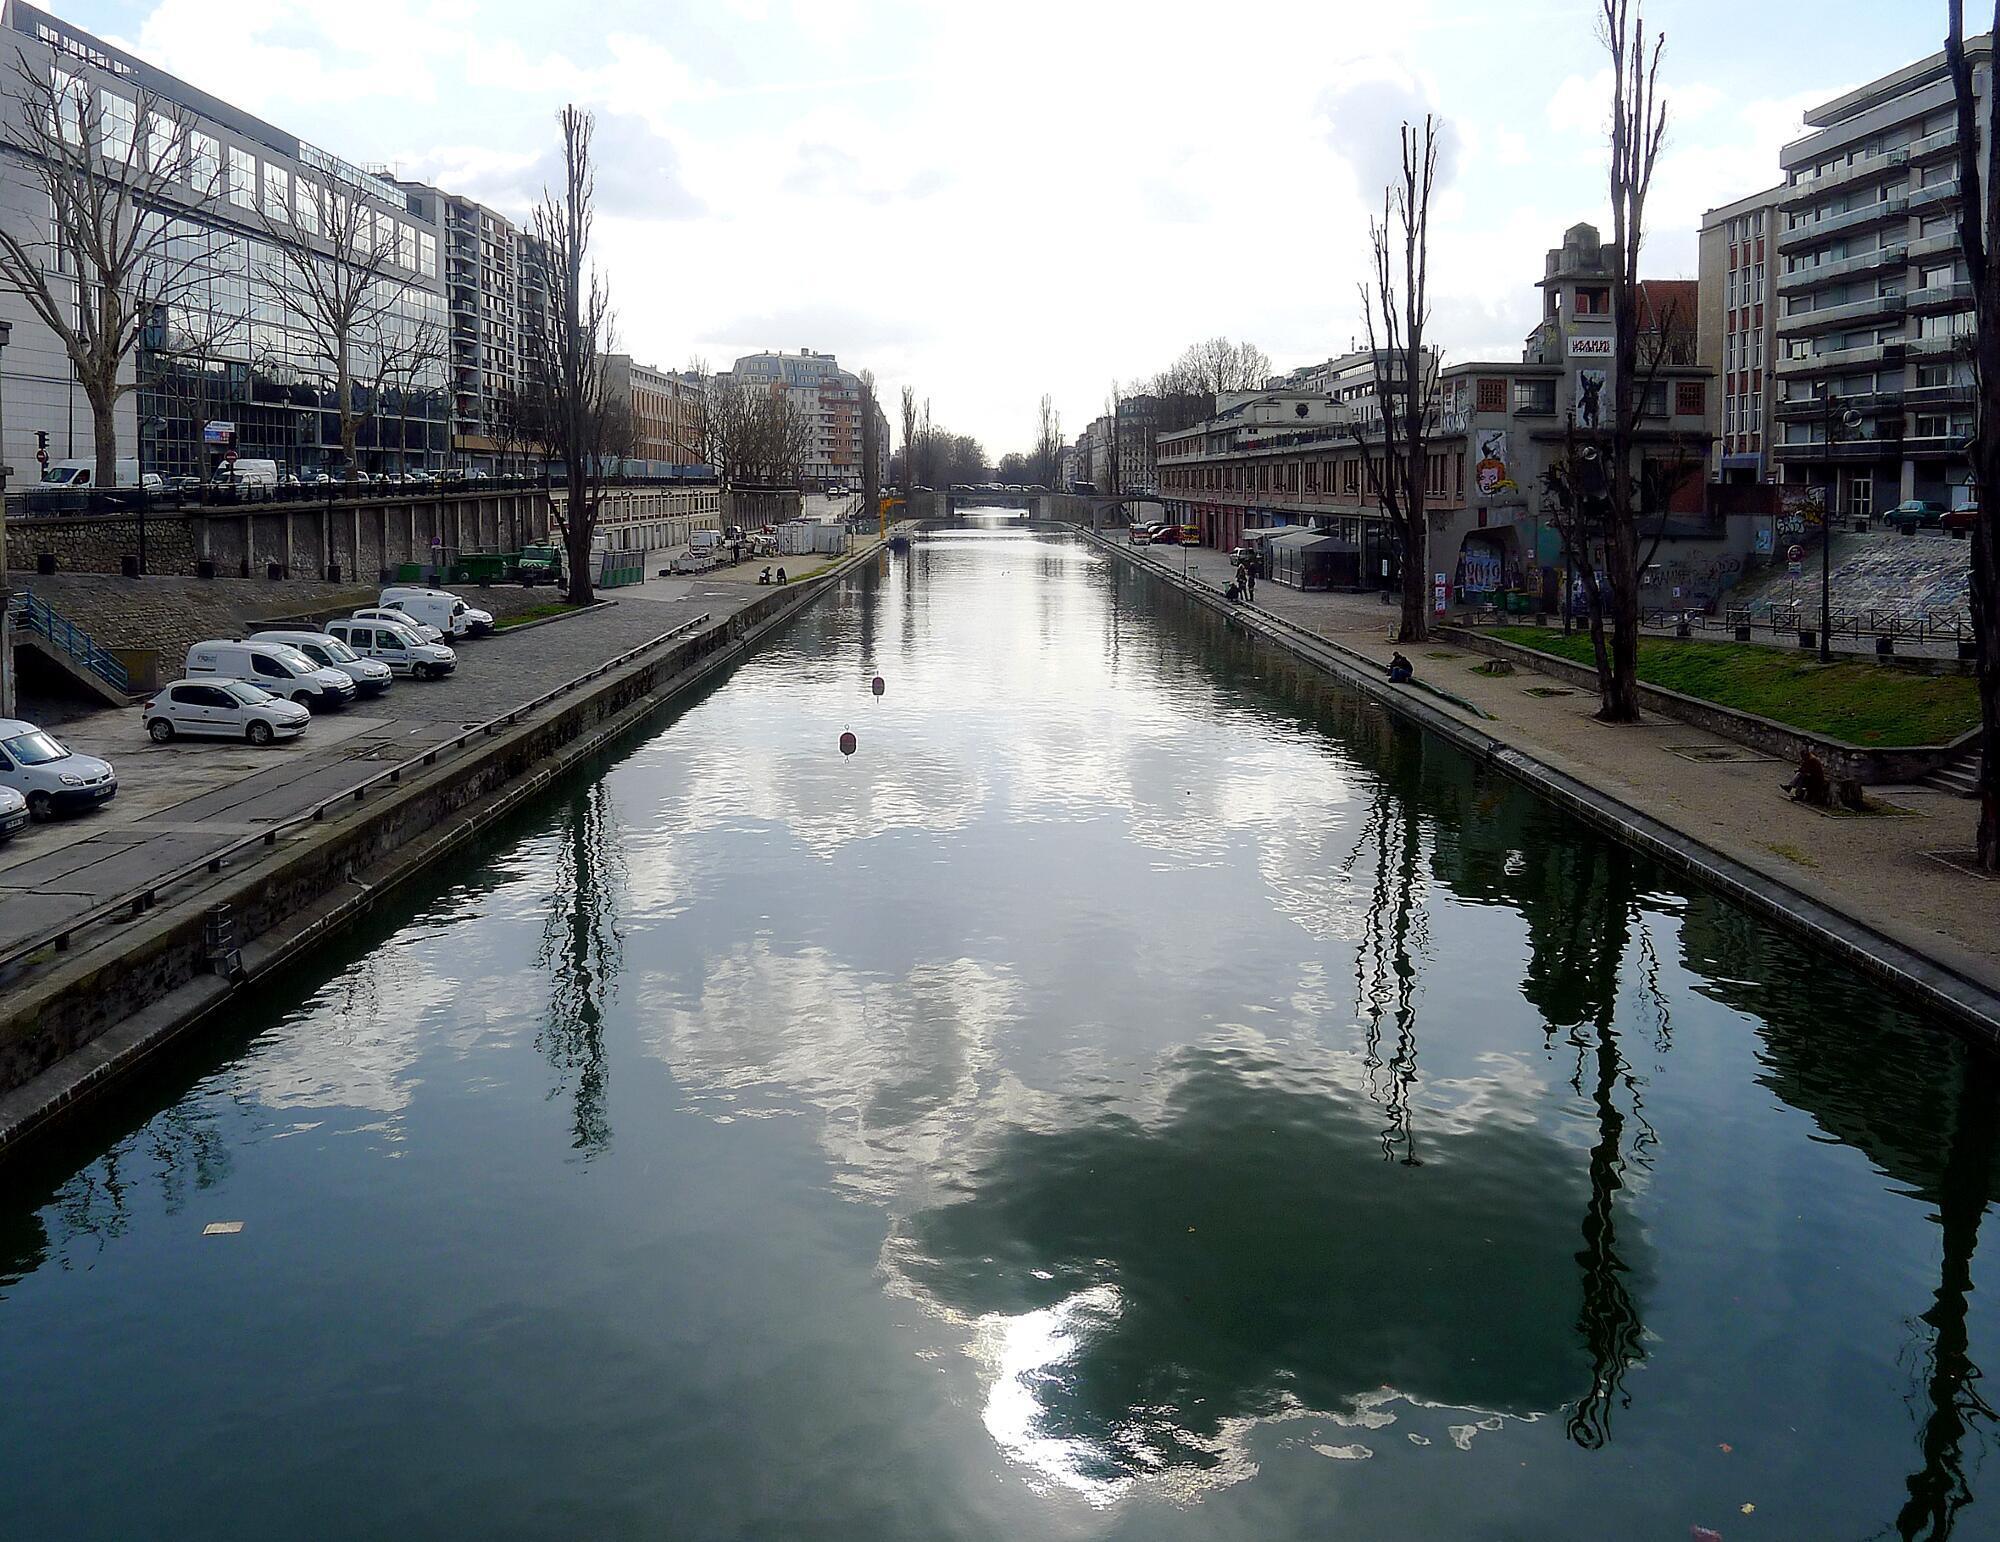 Começo do Canal Saint-Martin, visto da praça da Batalha de Stalingrado, situada no 19° distrito de Paris.